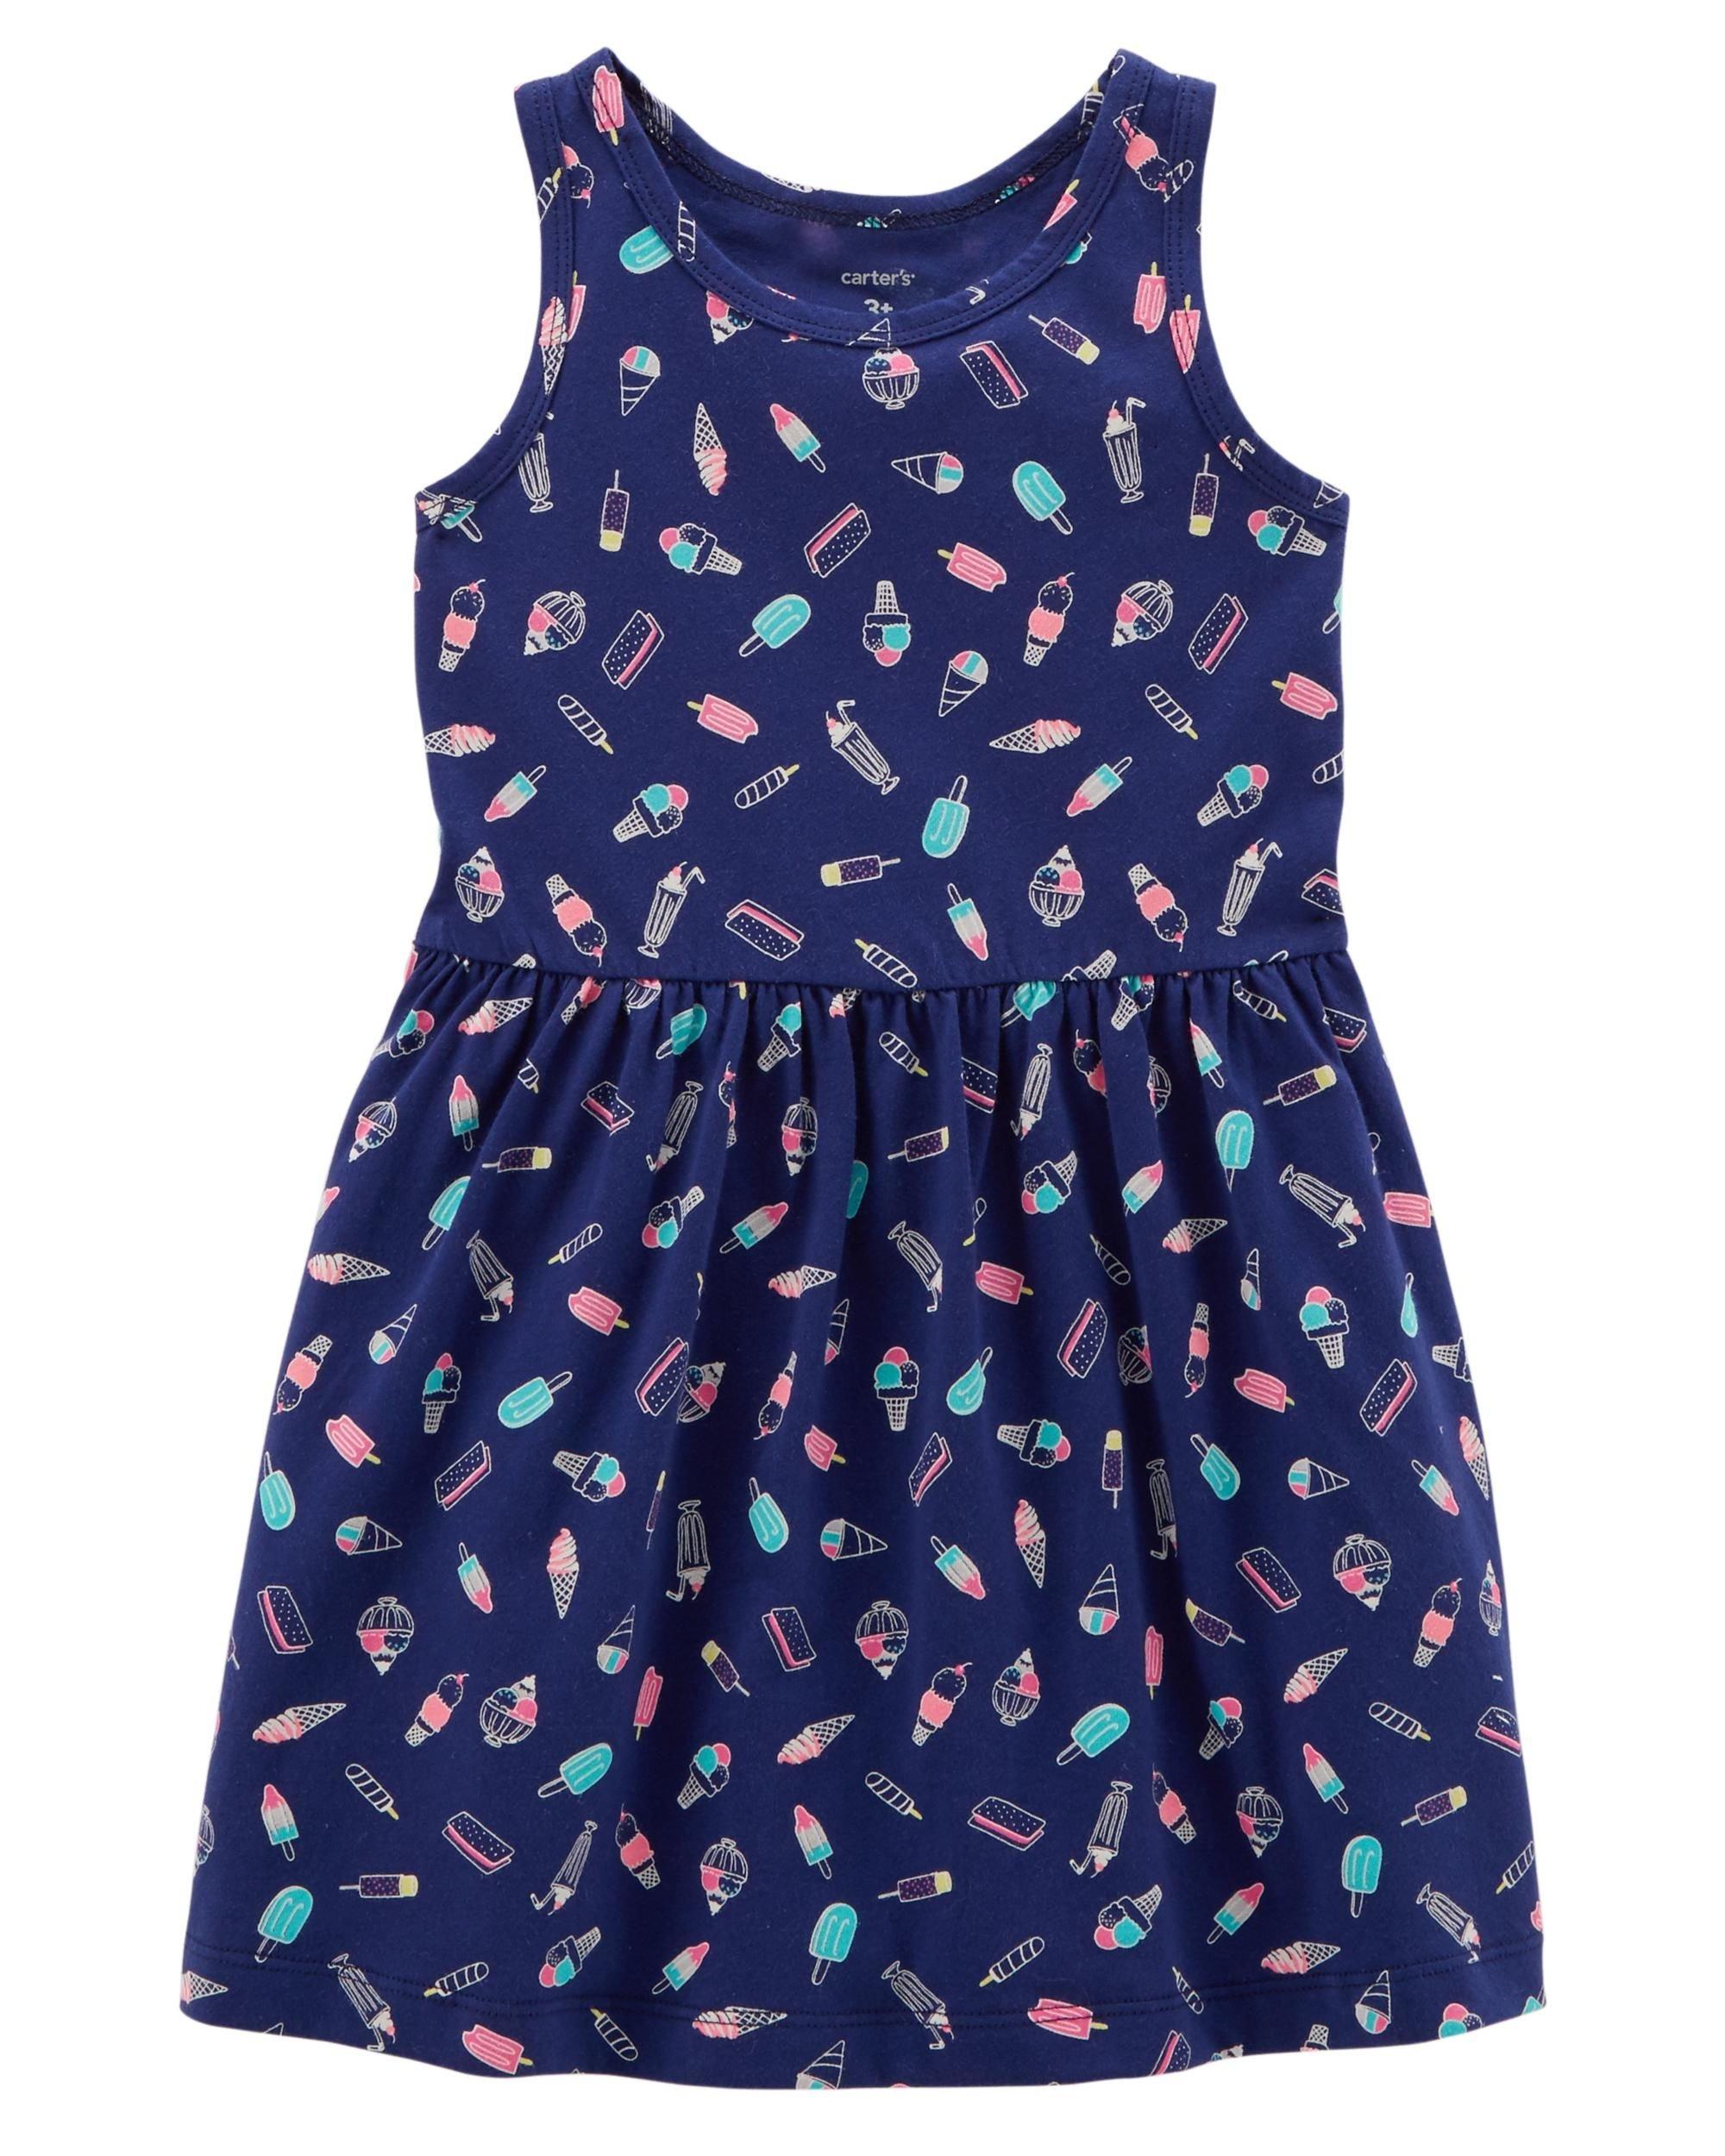 Carter's Girls' 2T-8, Lightweight Cotton Jersey Tank Dresses (Navy/Ice Cream, 5T)